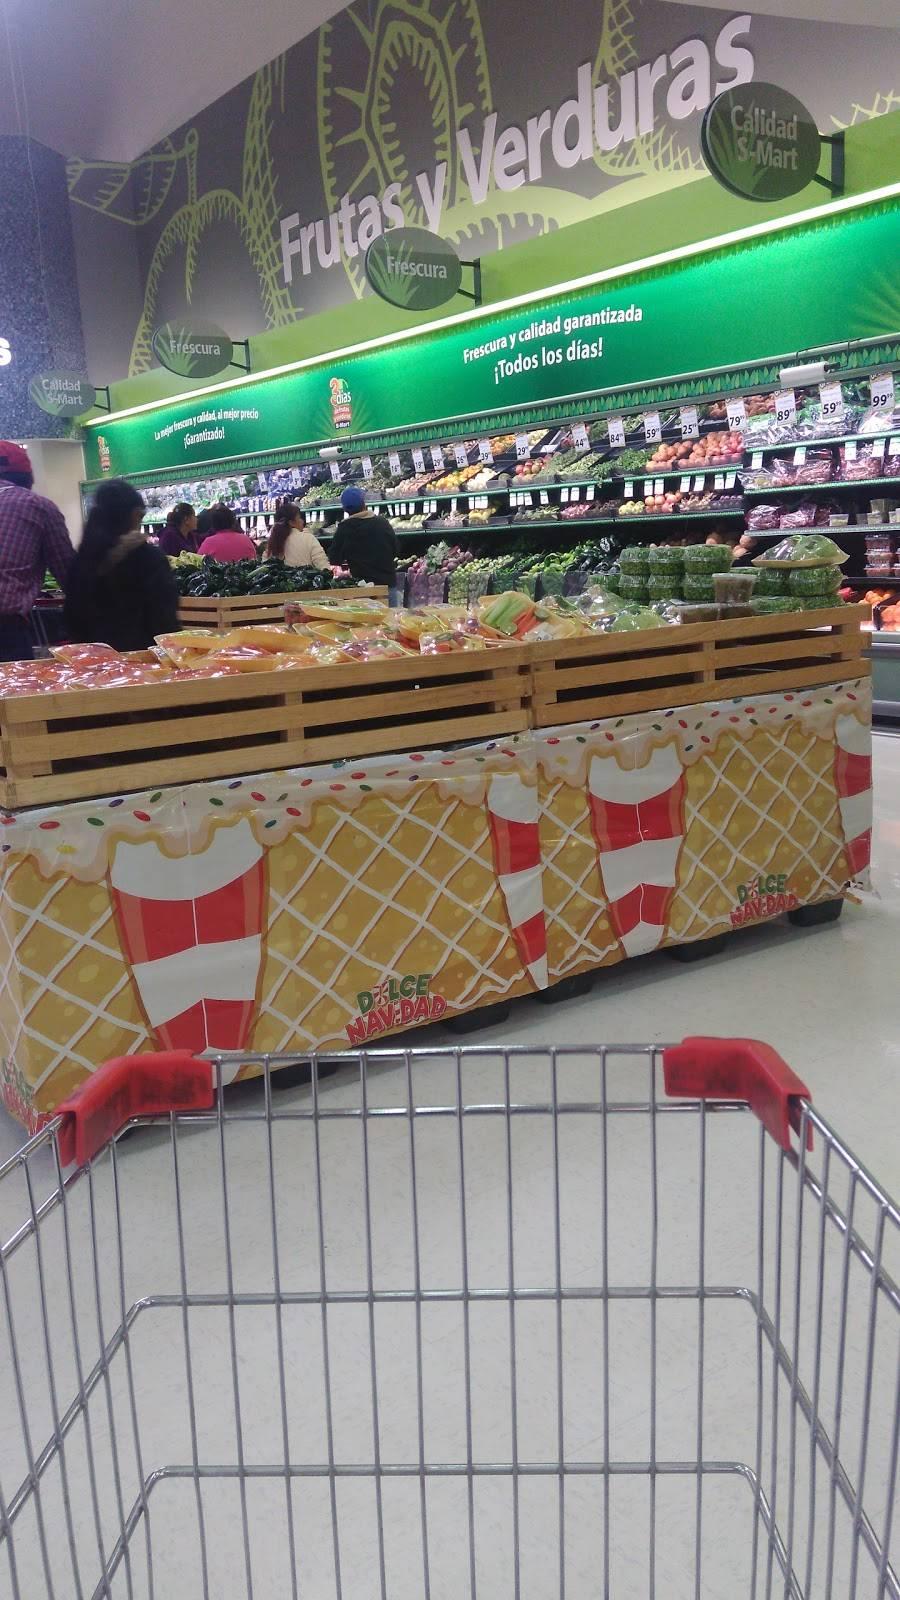 S-Mart - supermarket    Photo 10 of 10   Address: Av Santiago Troncoso # 1701, Parajes de Oriente, 32575 Cd Juárez, Chih., Mexico   Phone: 656 701 6260